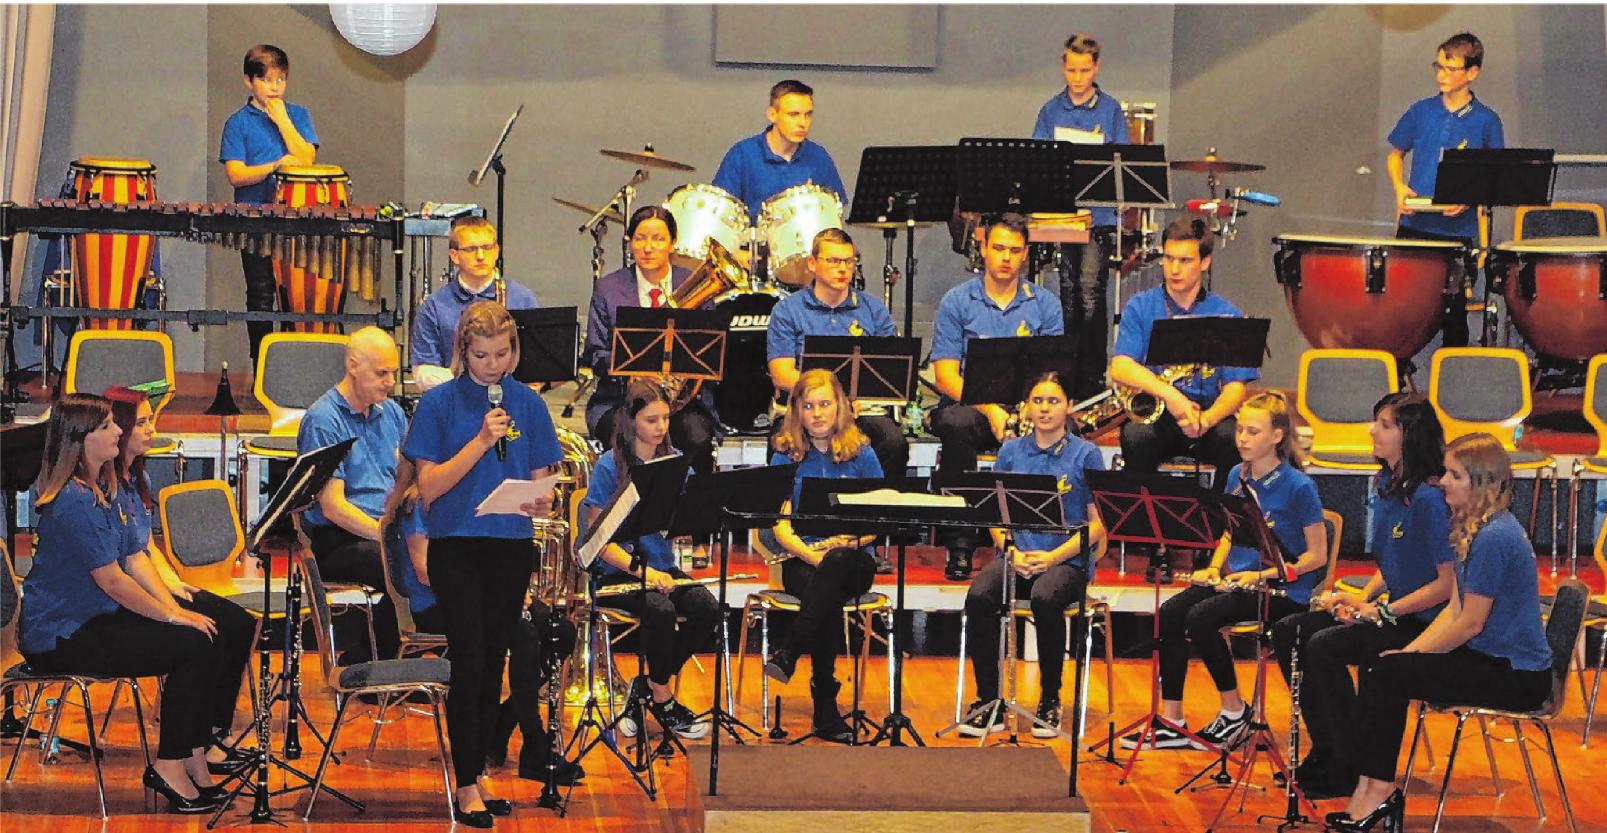 Die Jugendkapelle des Musikvereins Steinhofen wird am Sonntag ebenfalls für die musikalische Unterhaltung der Festbesucher sorgen. Fotos: Elisabeth Wolf